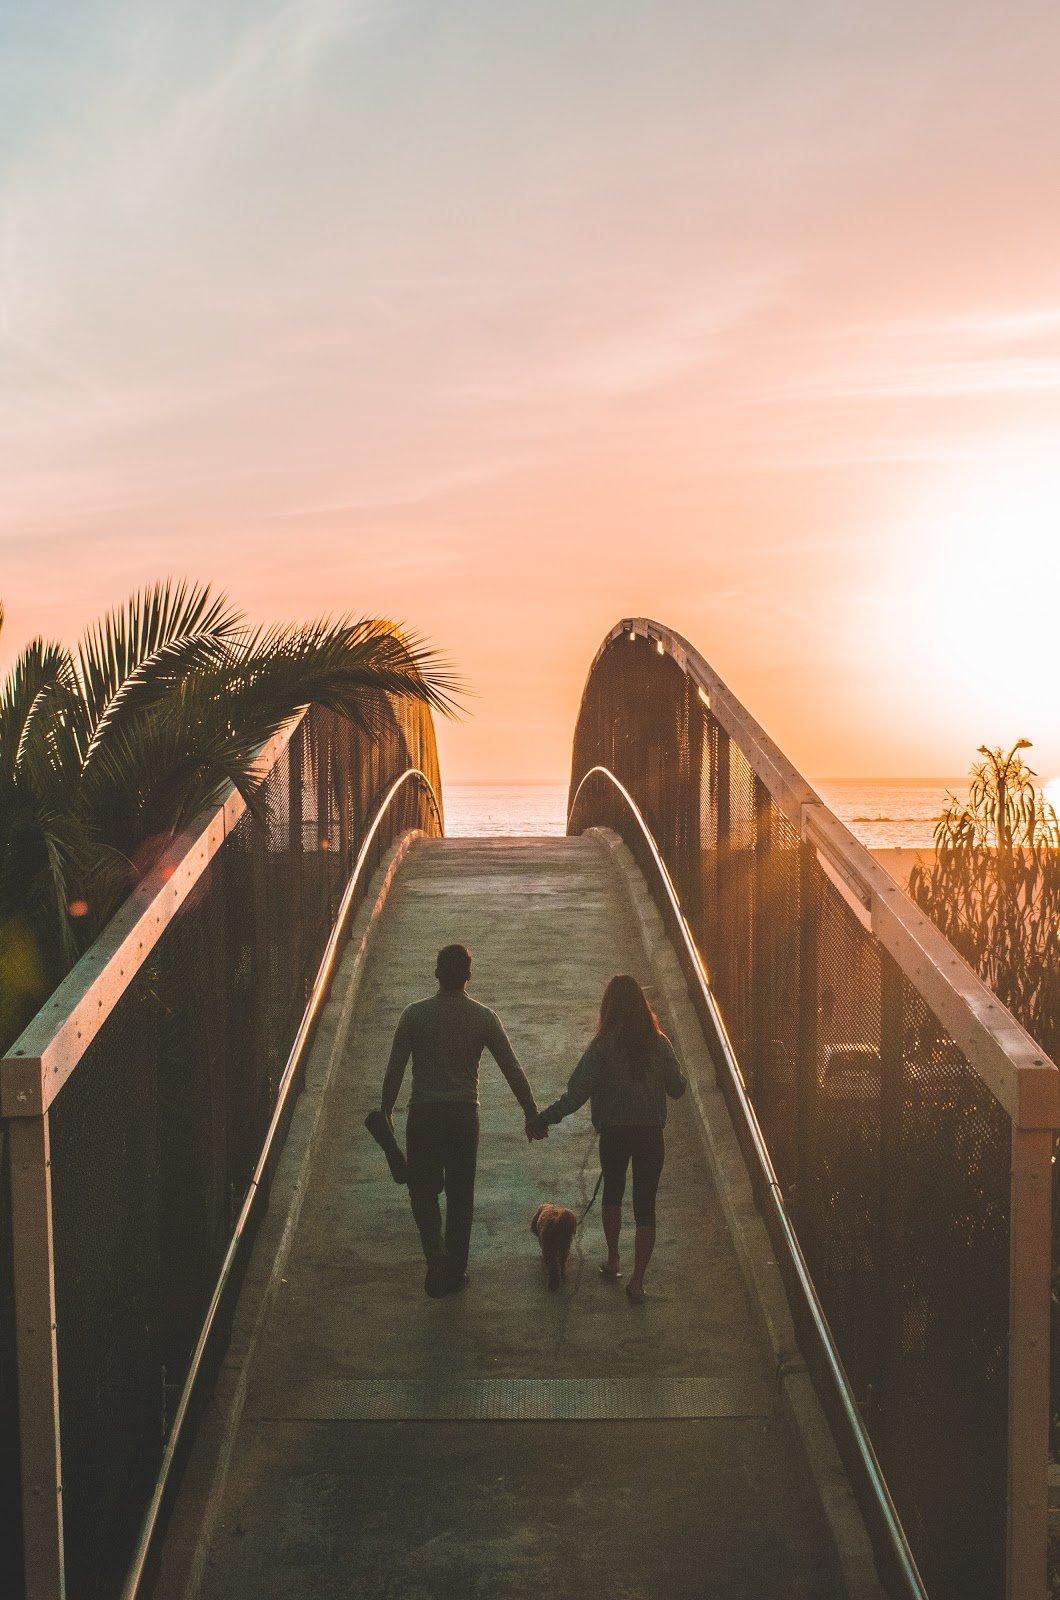 man woman walking dog on bridge